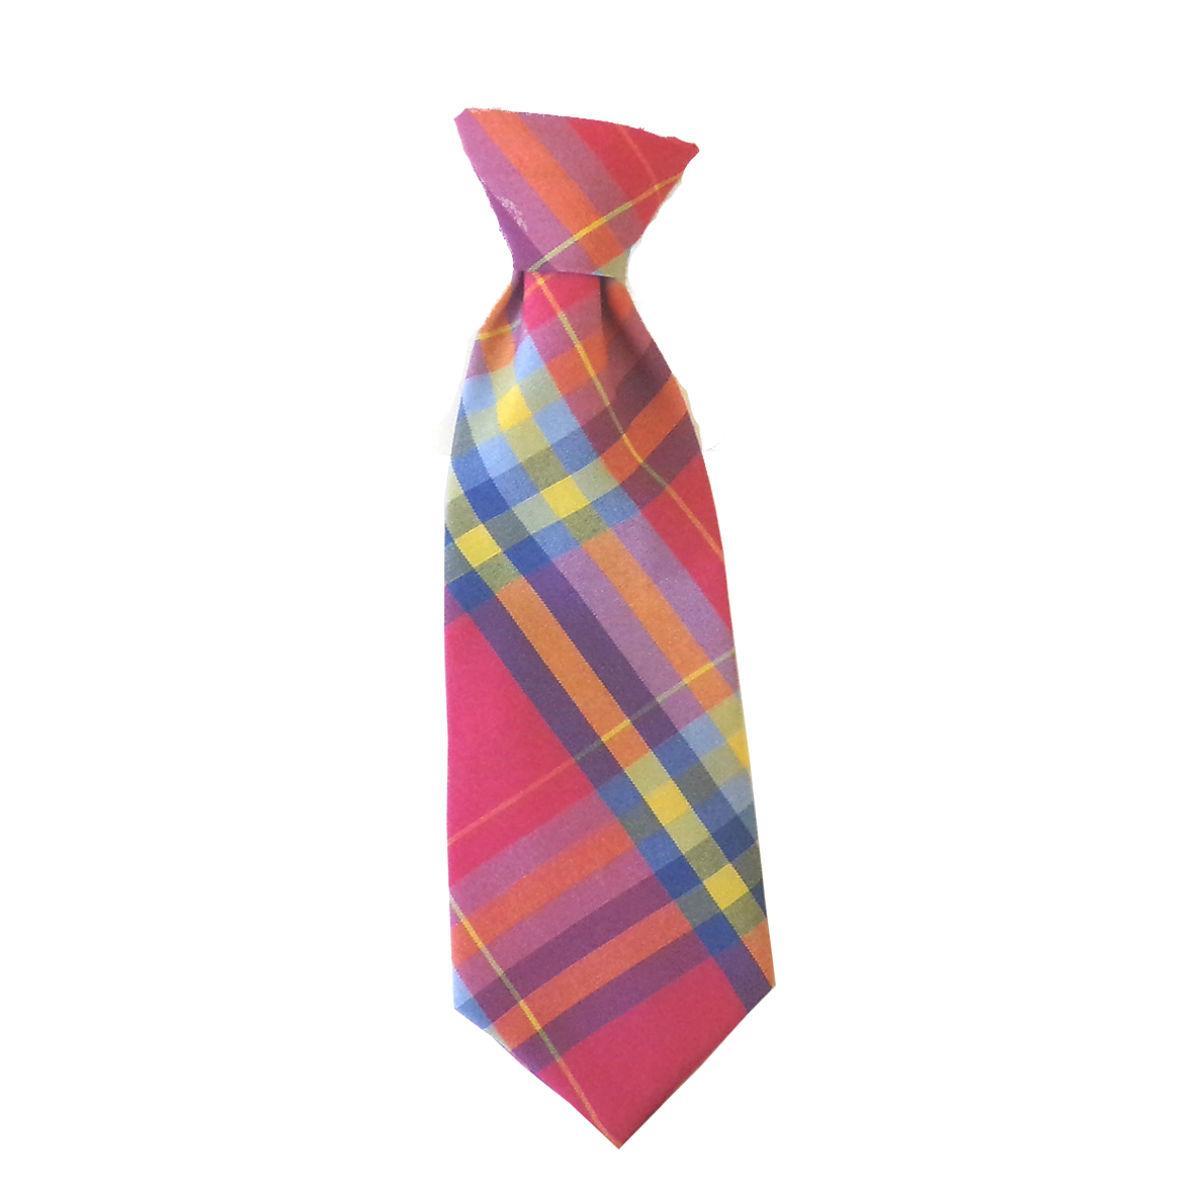 Huxley & Kent Long Tie Collar Attachment Dog Necktie - Pink Madras